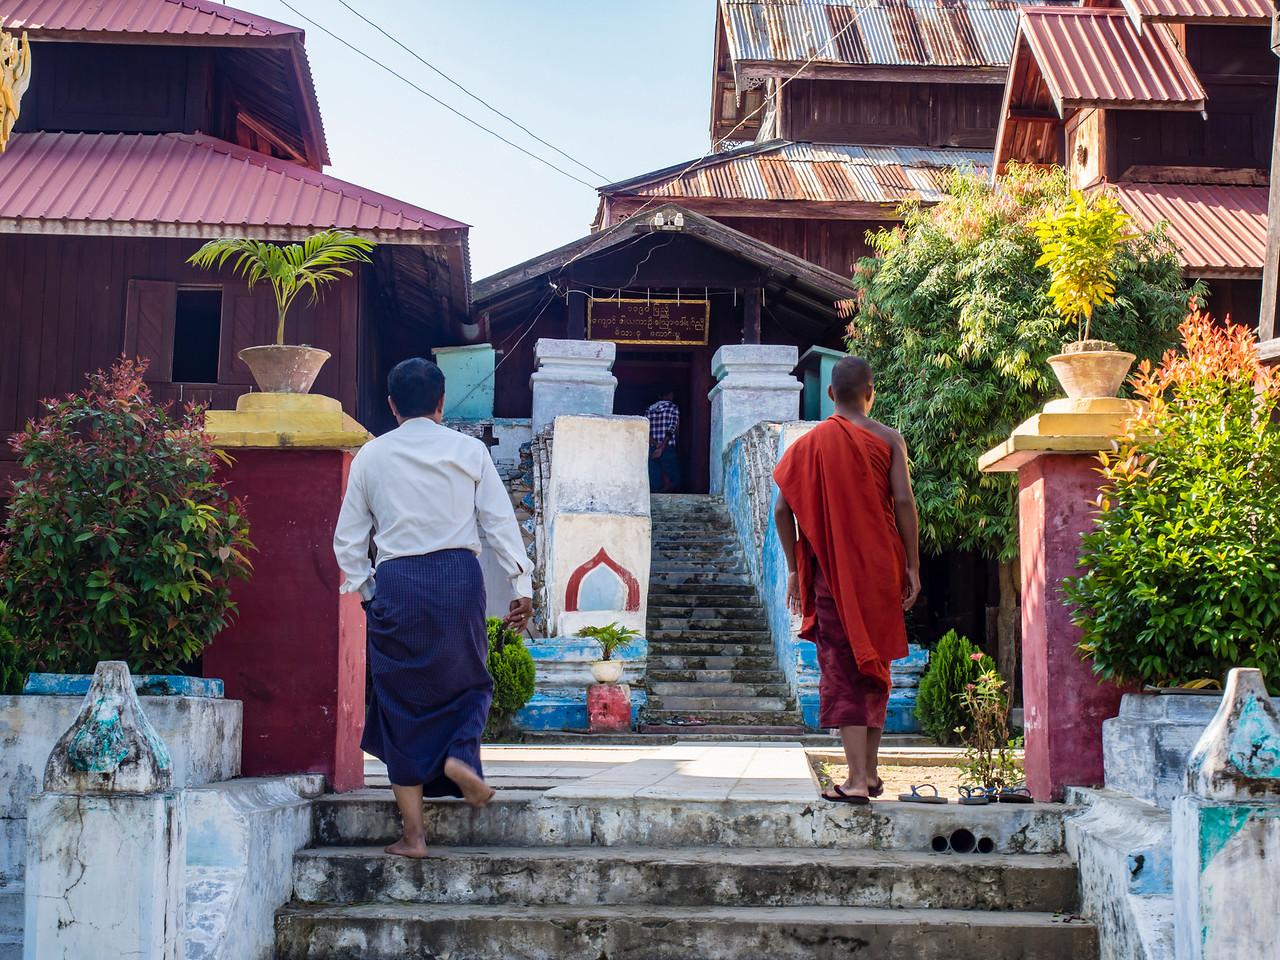 Kyindaung oo Kyaung at Minkin